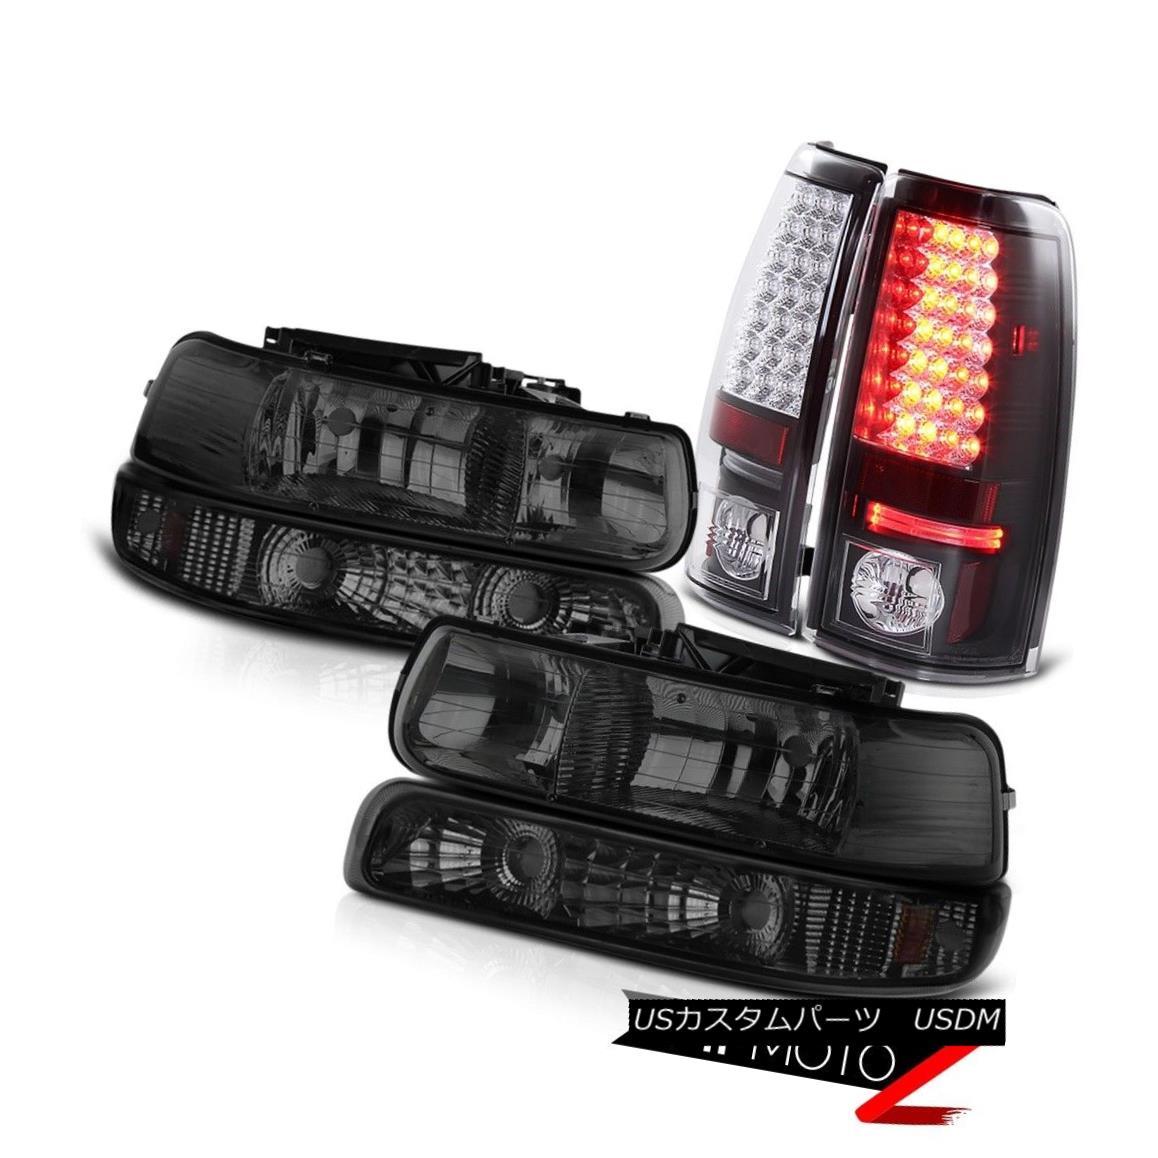 ヘッドライト 99 00 01 02 Chevy Silverado Smoke Headlights Corner Lamp Black LED Tail Light 99 00 01 02シボレーシルバラードスモークヘッドライトコーナーランプブラックLEDテールライト